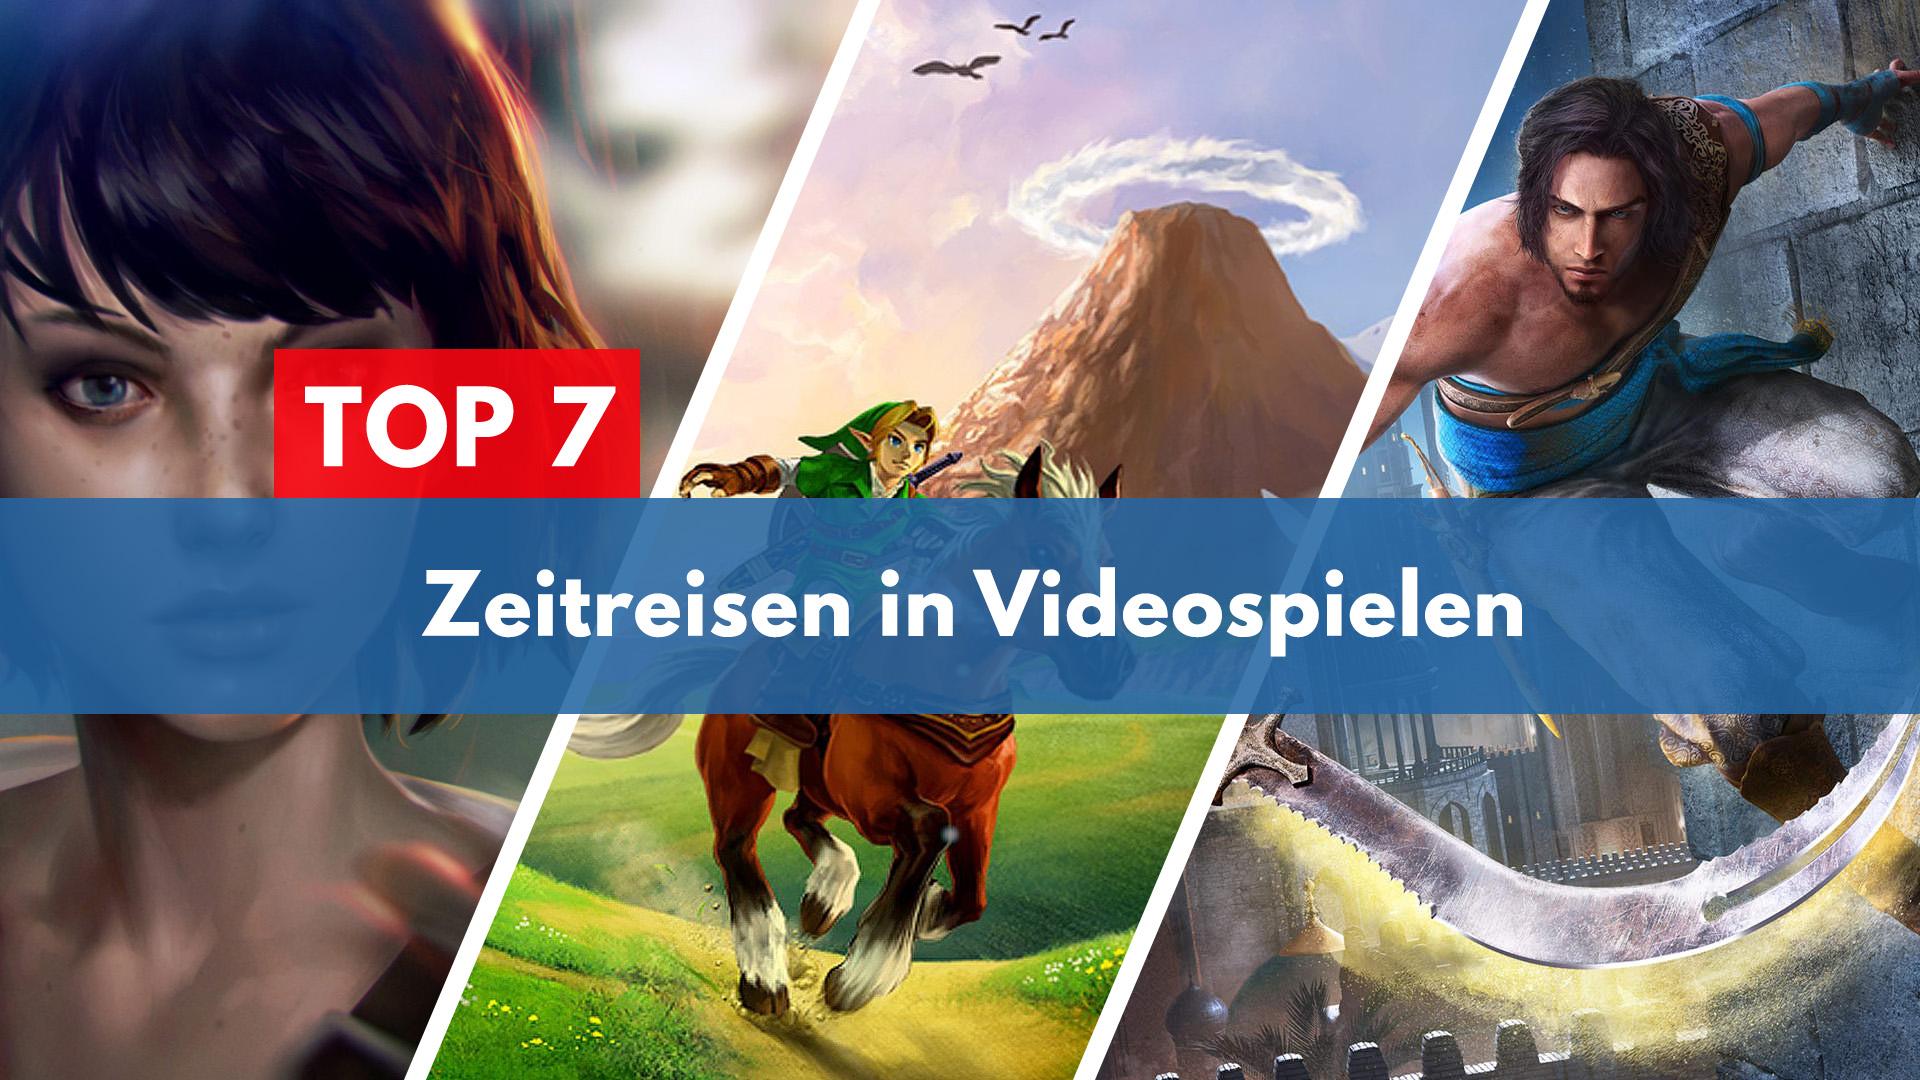 Top 7 Zeitreisen in Videospielen